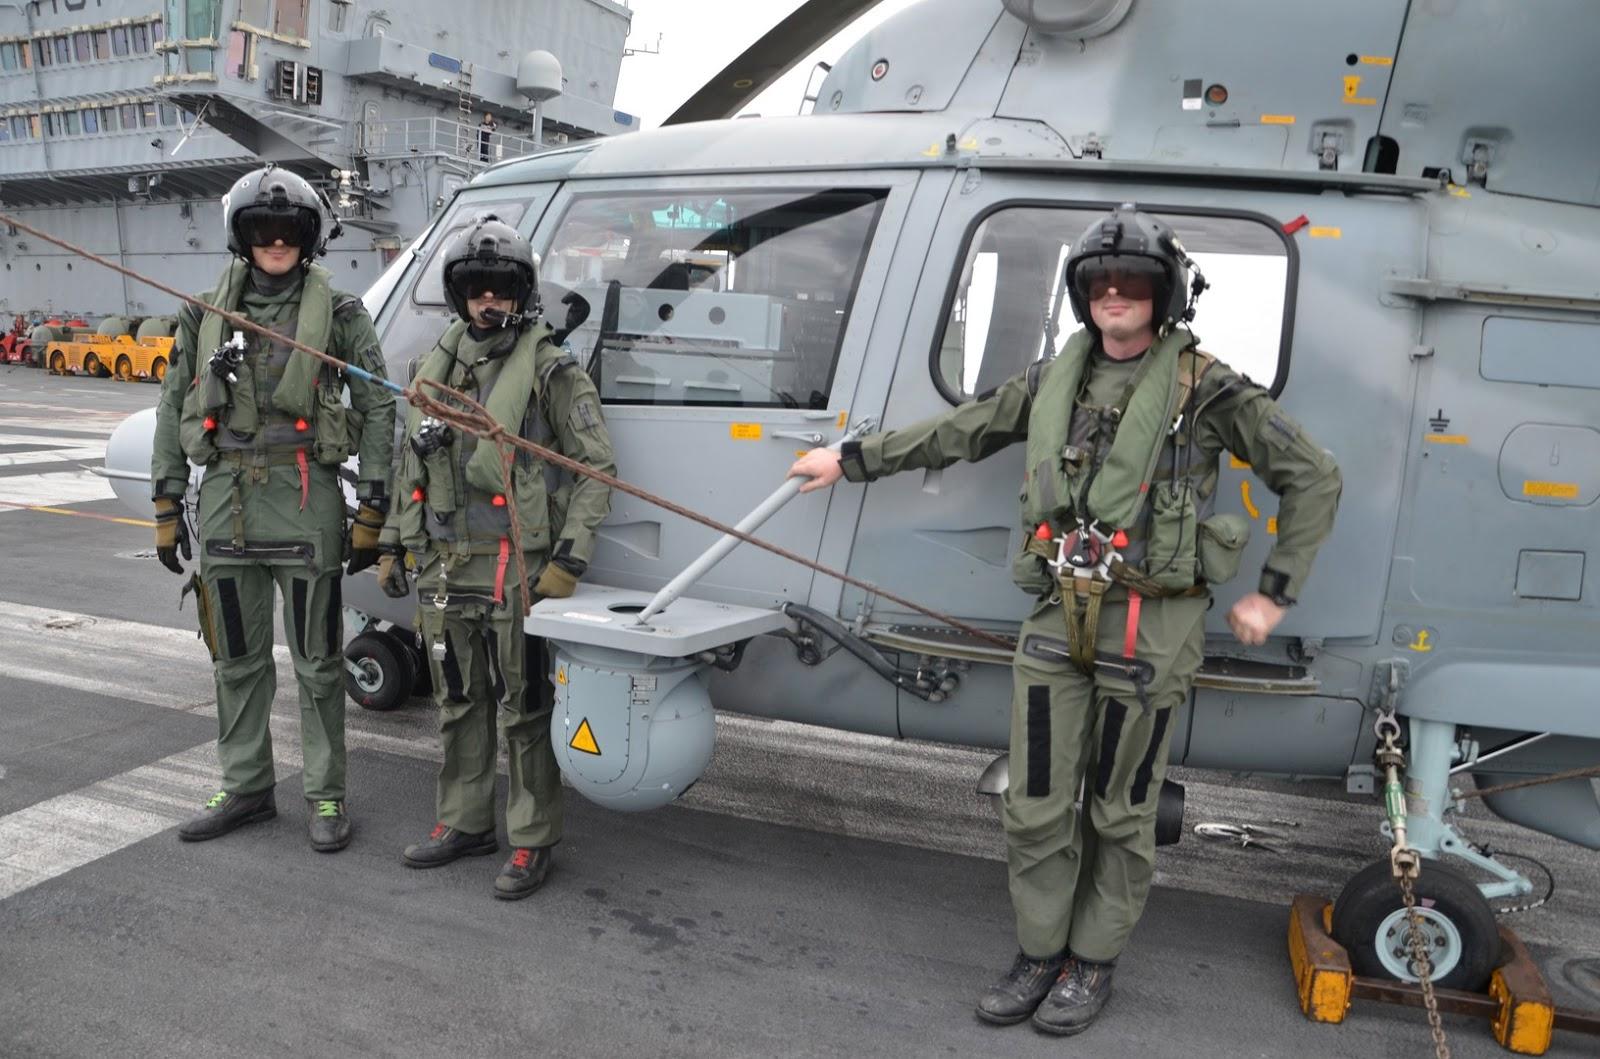 L'actu de la MARINE NATIONALE, de notre défense et de nos alliés PA2015L-0687447939-TGY%2B085%2B%2528Copier%2529